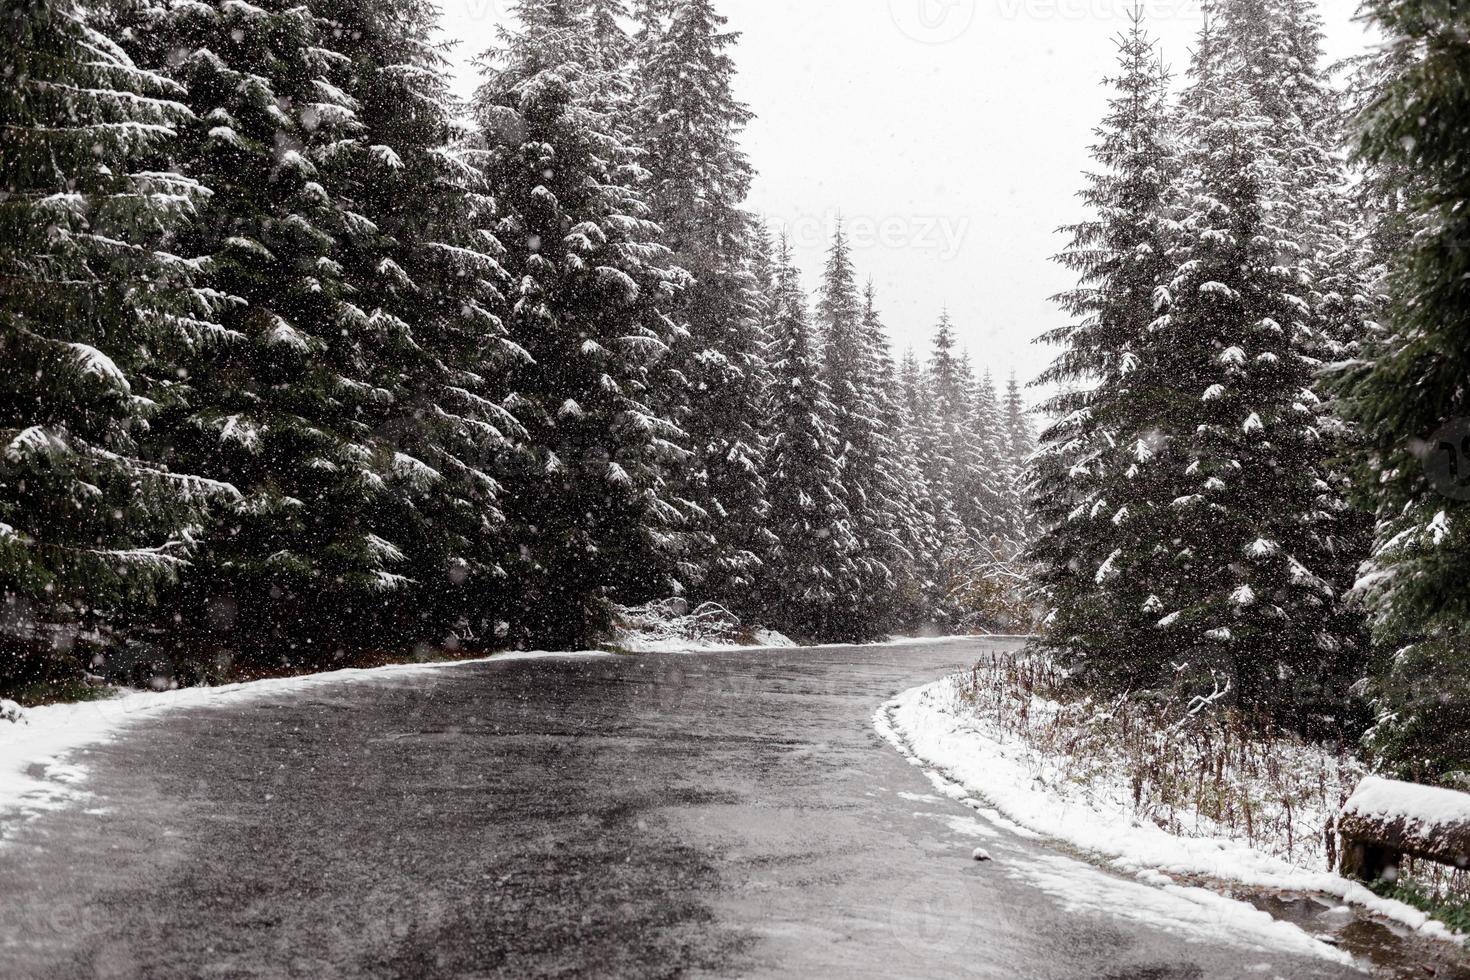 schilderachtig uitzicht op de weg met sneeuw en bergen en gigantische bomen achtergrond in het winterseizoen. morske oko foto